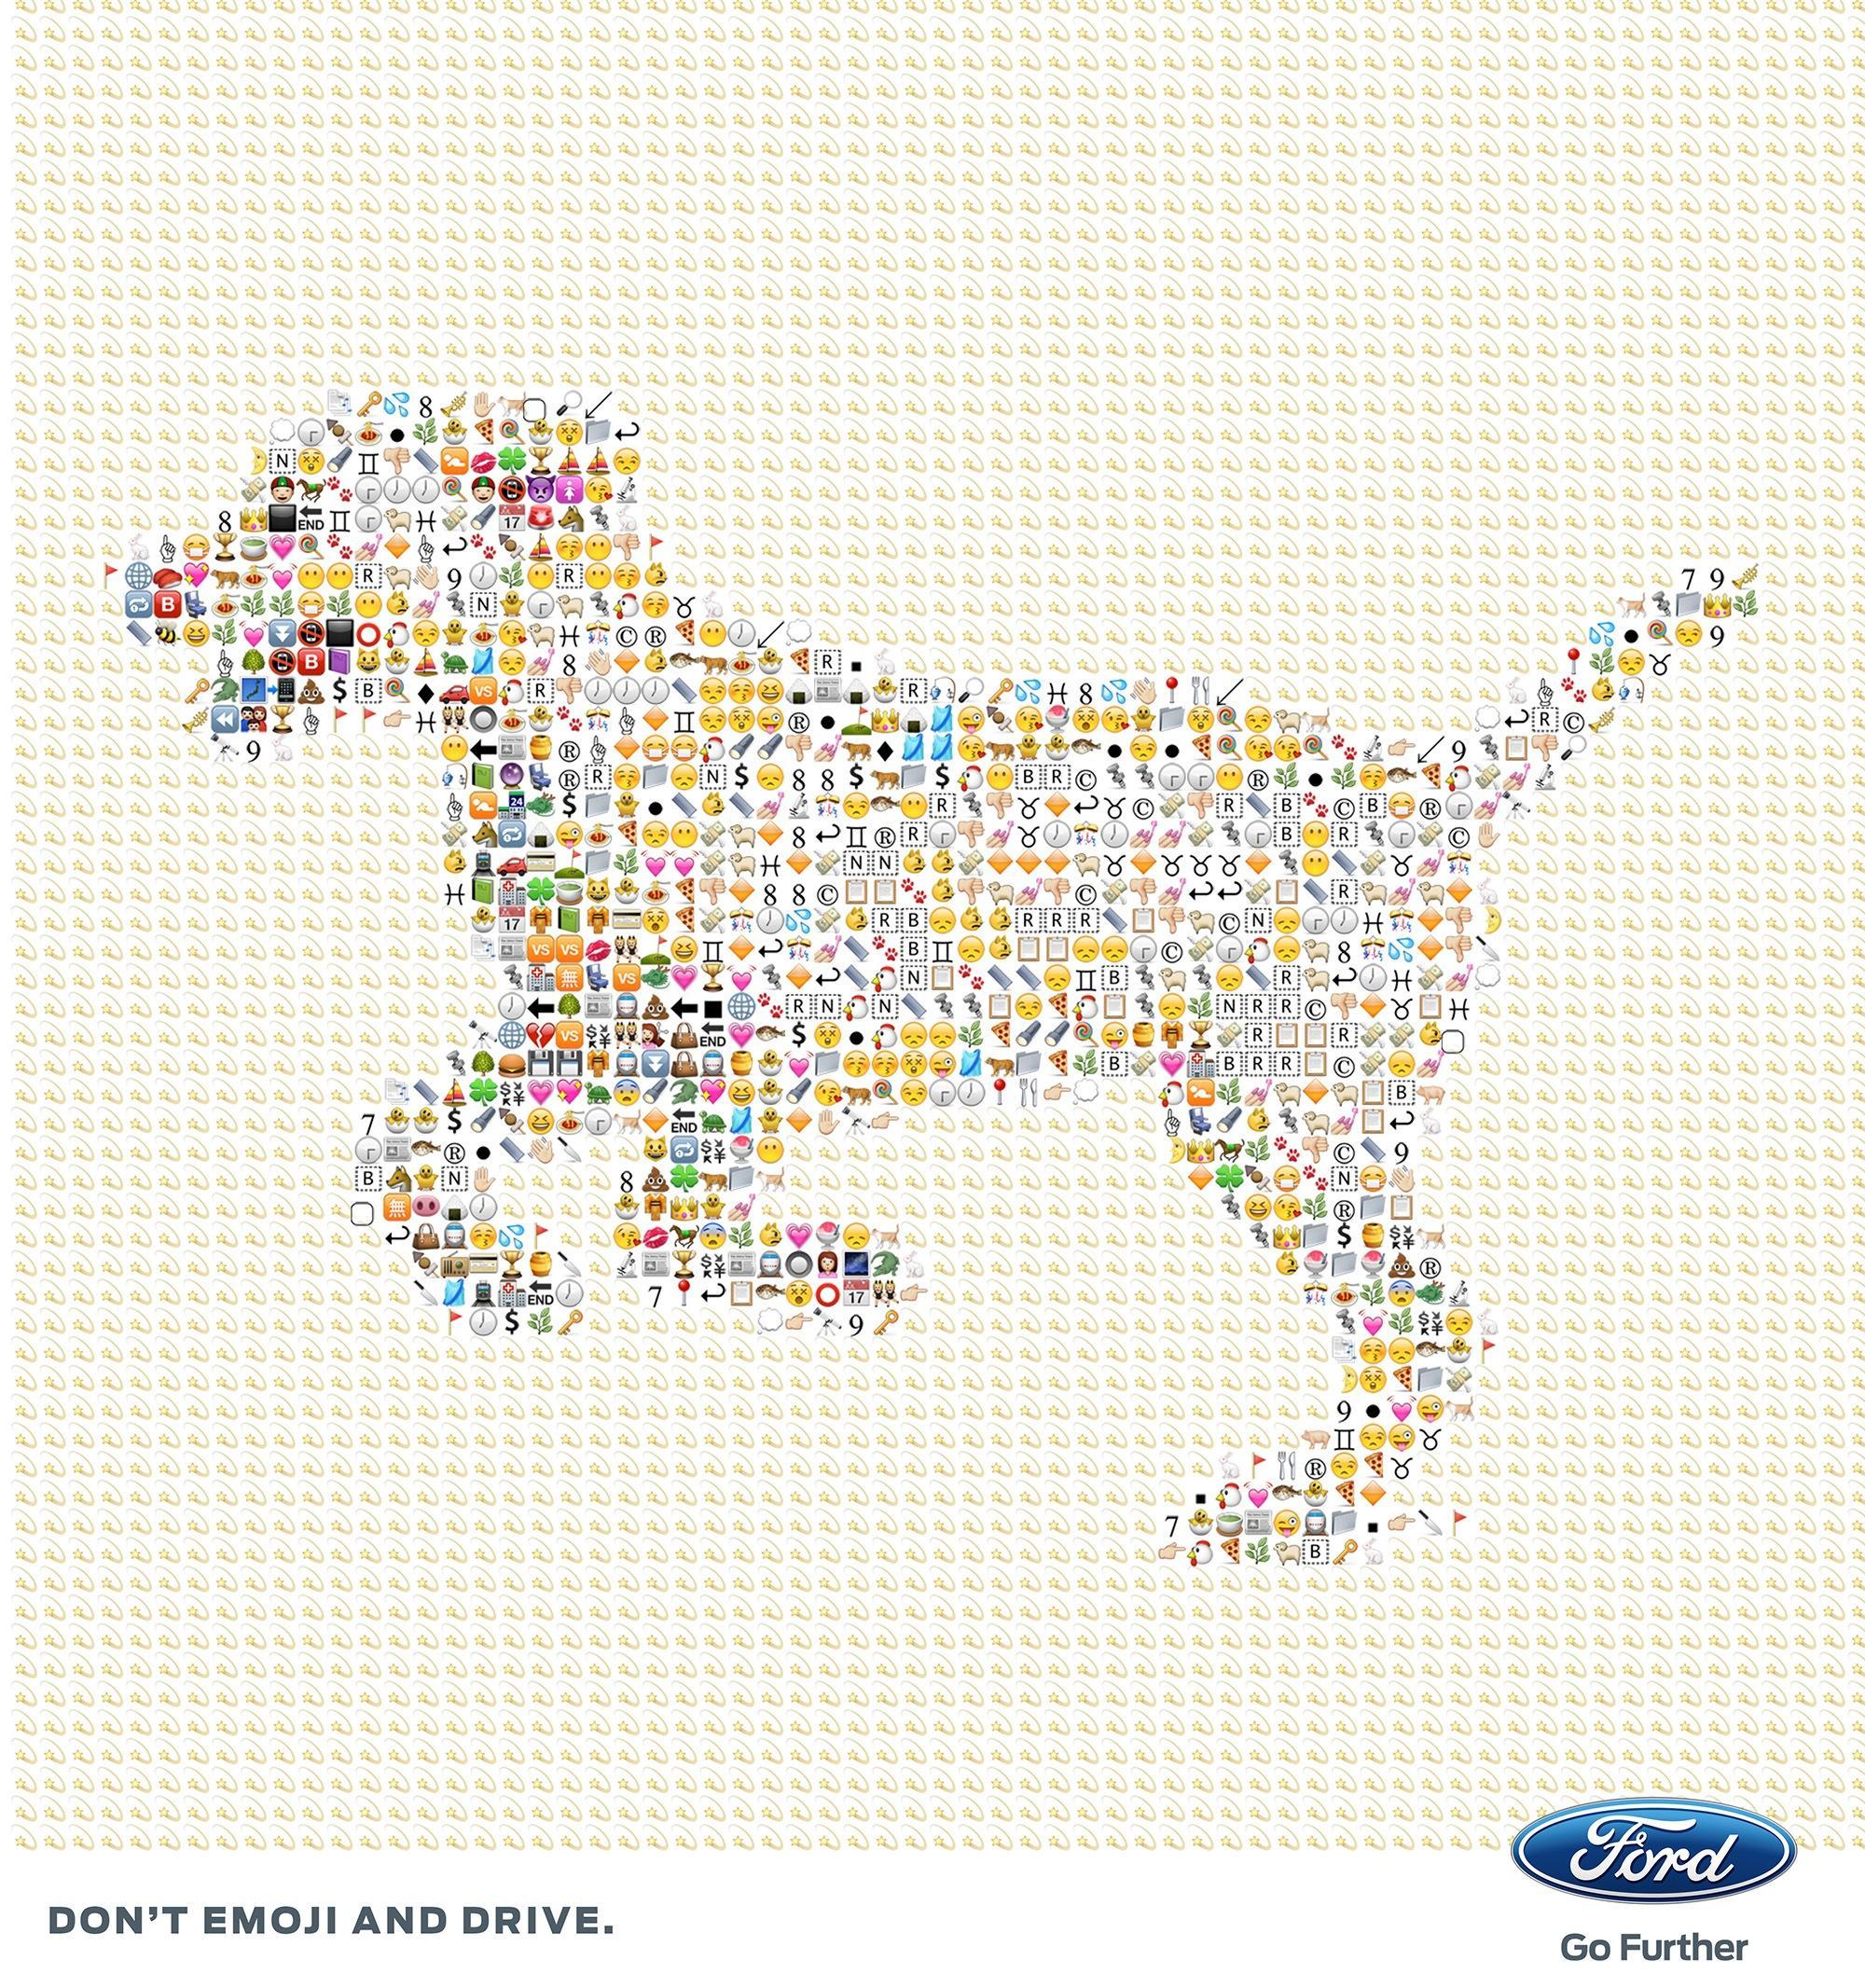 Ford Digital Ad -  #WorldEmojiDay, 1